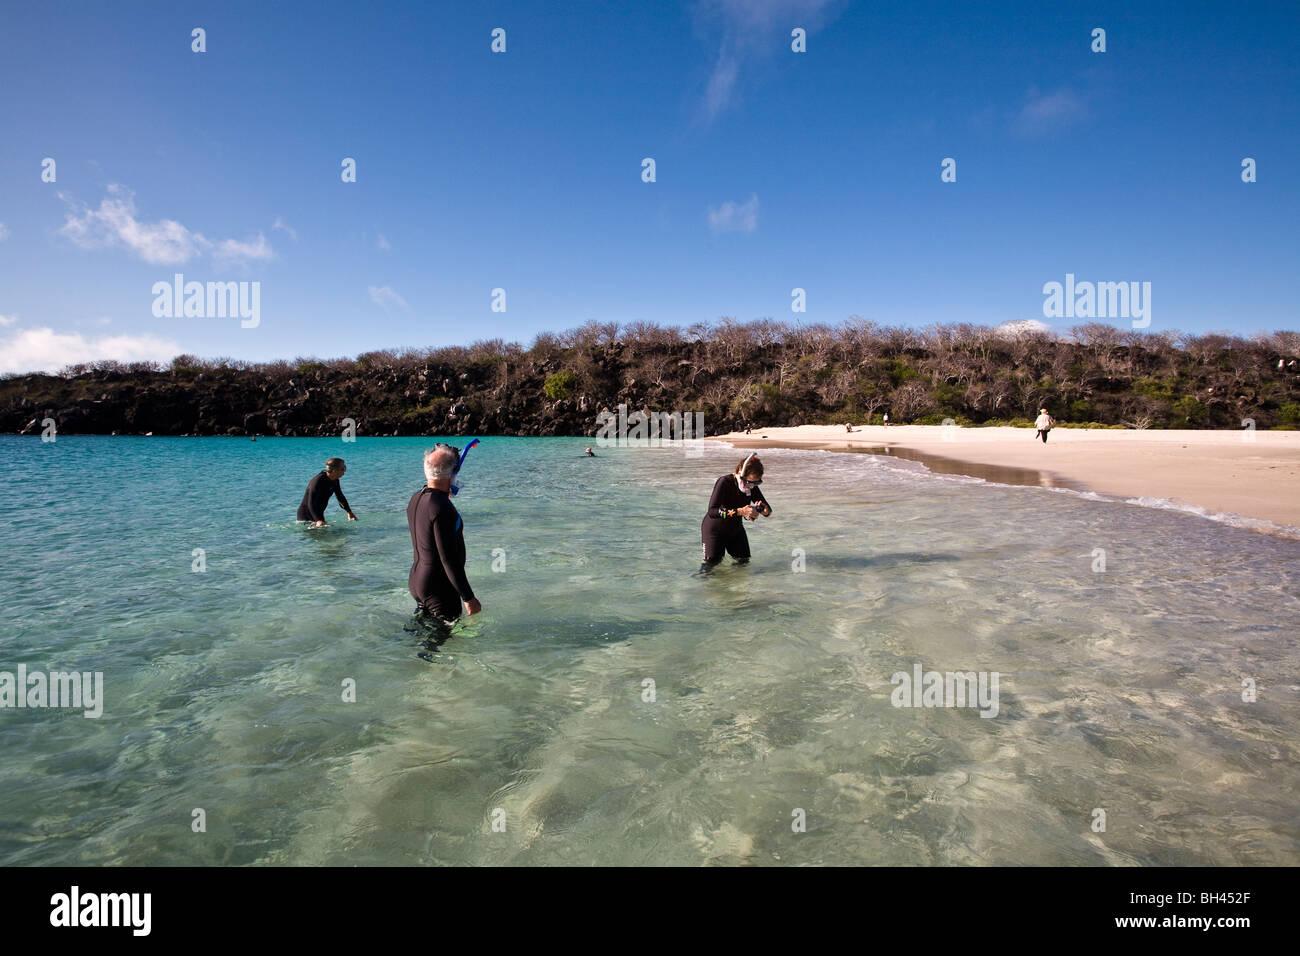 Galapagos Islands Snorkeling Stock Photos Amp Galapagos Islands Snorkeling Stock Images